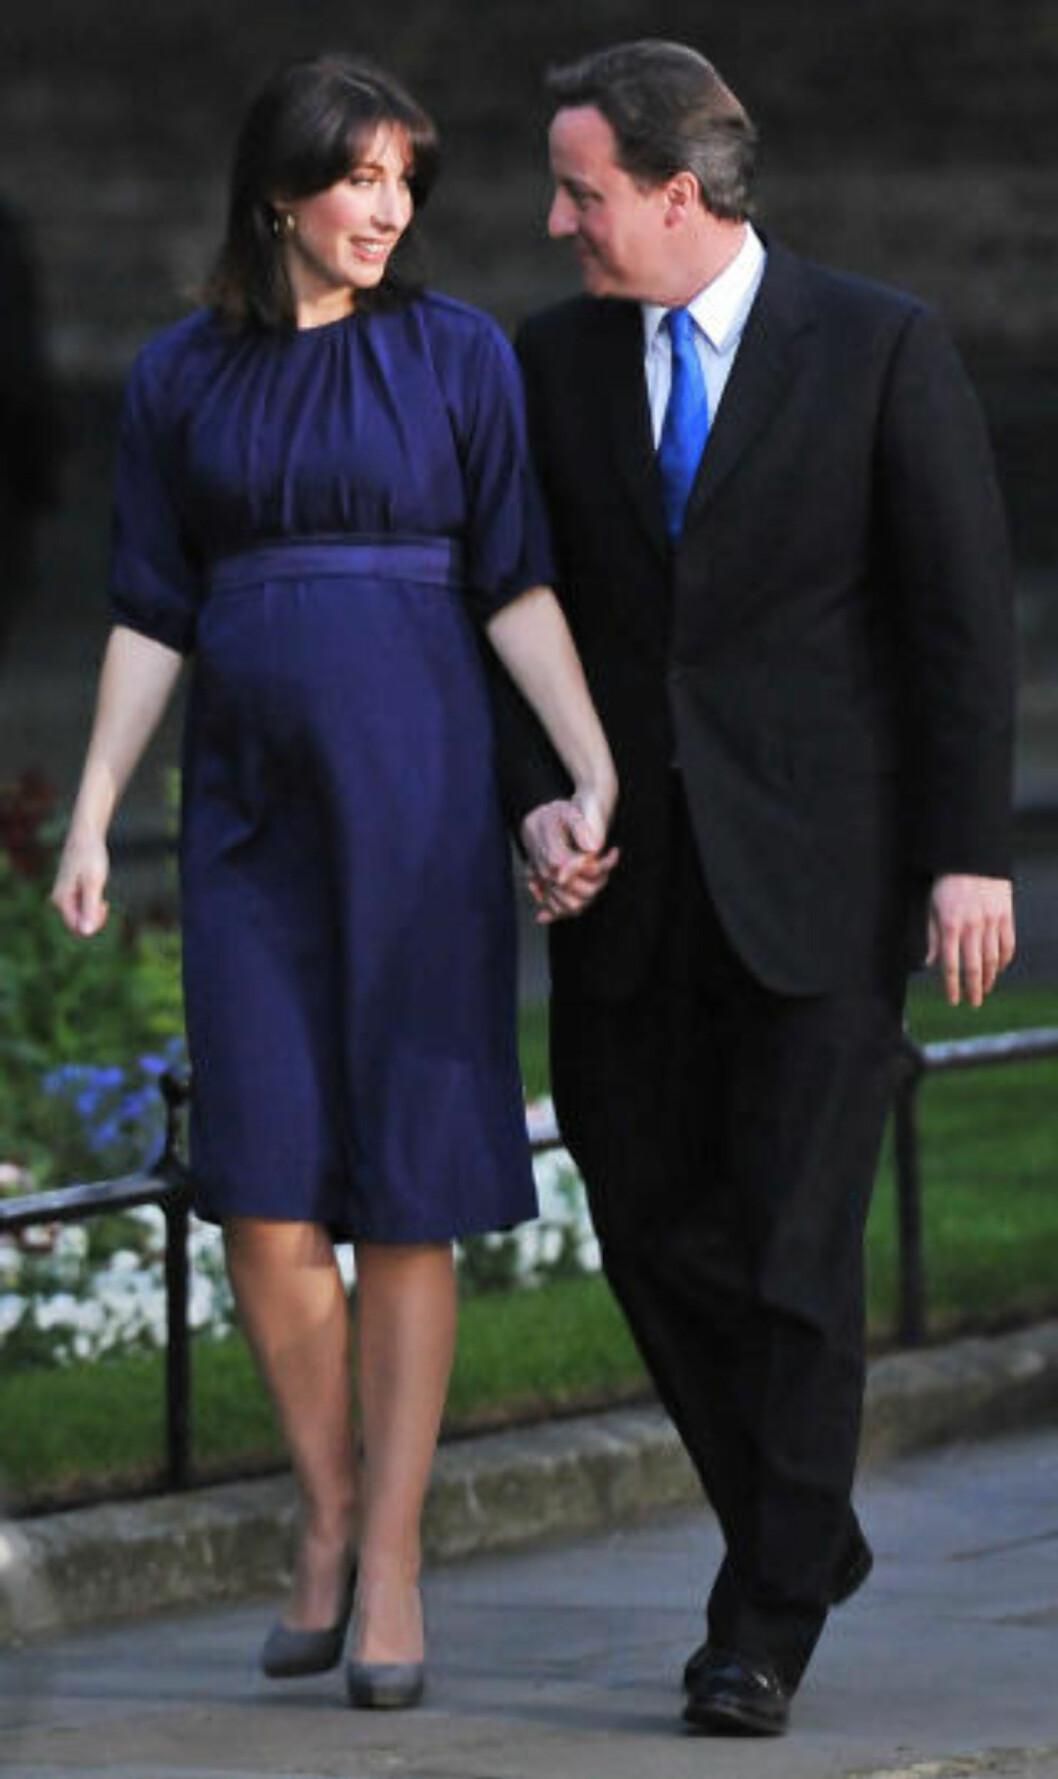 FLYTTER INN I NR. 10 De konservatives leder David Cameron og kona Samantha flytter inn i Downing Street 10 om kort tid. Foto: AFP PHOTO/Carl de Souza